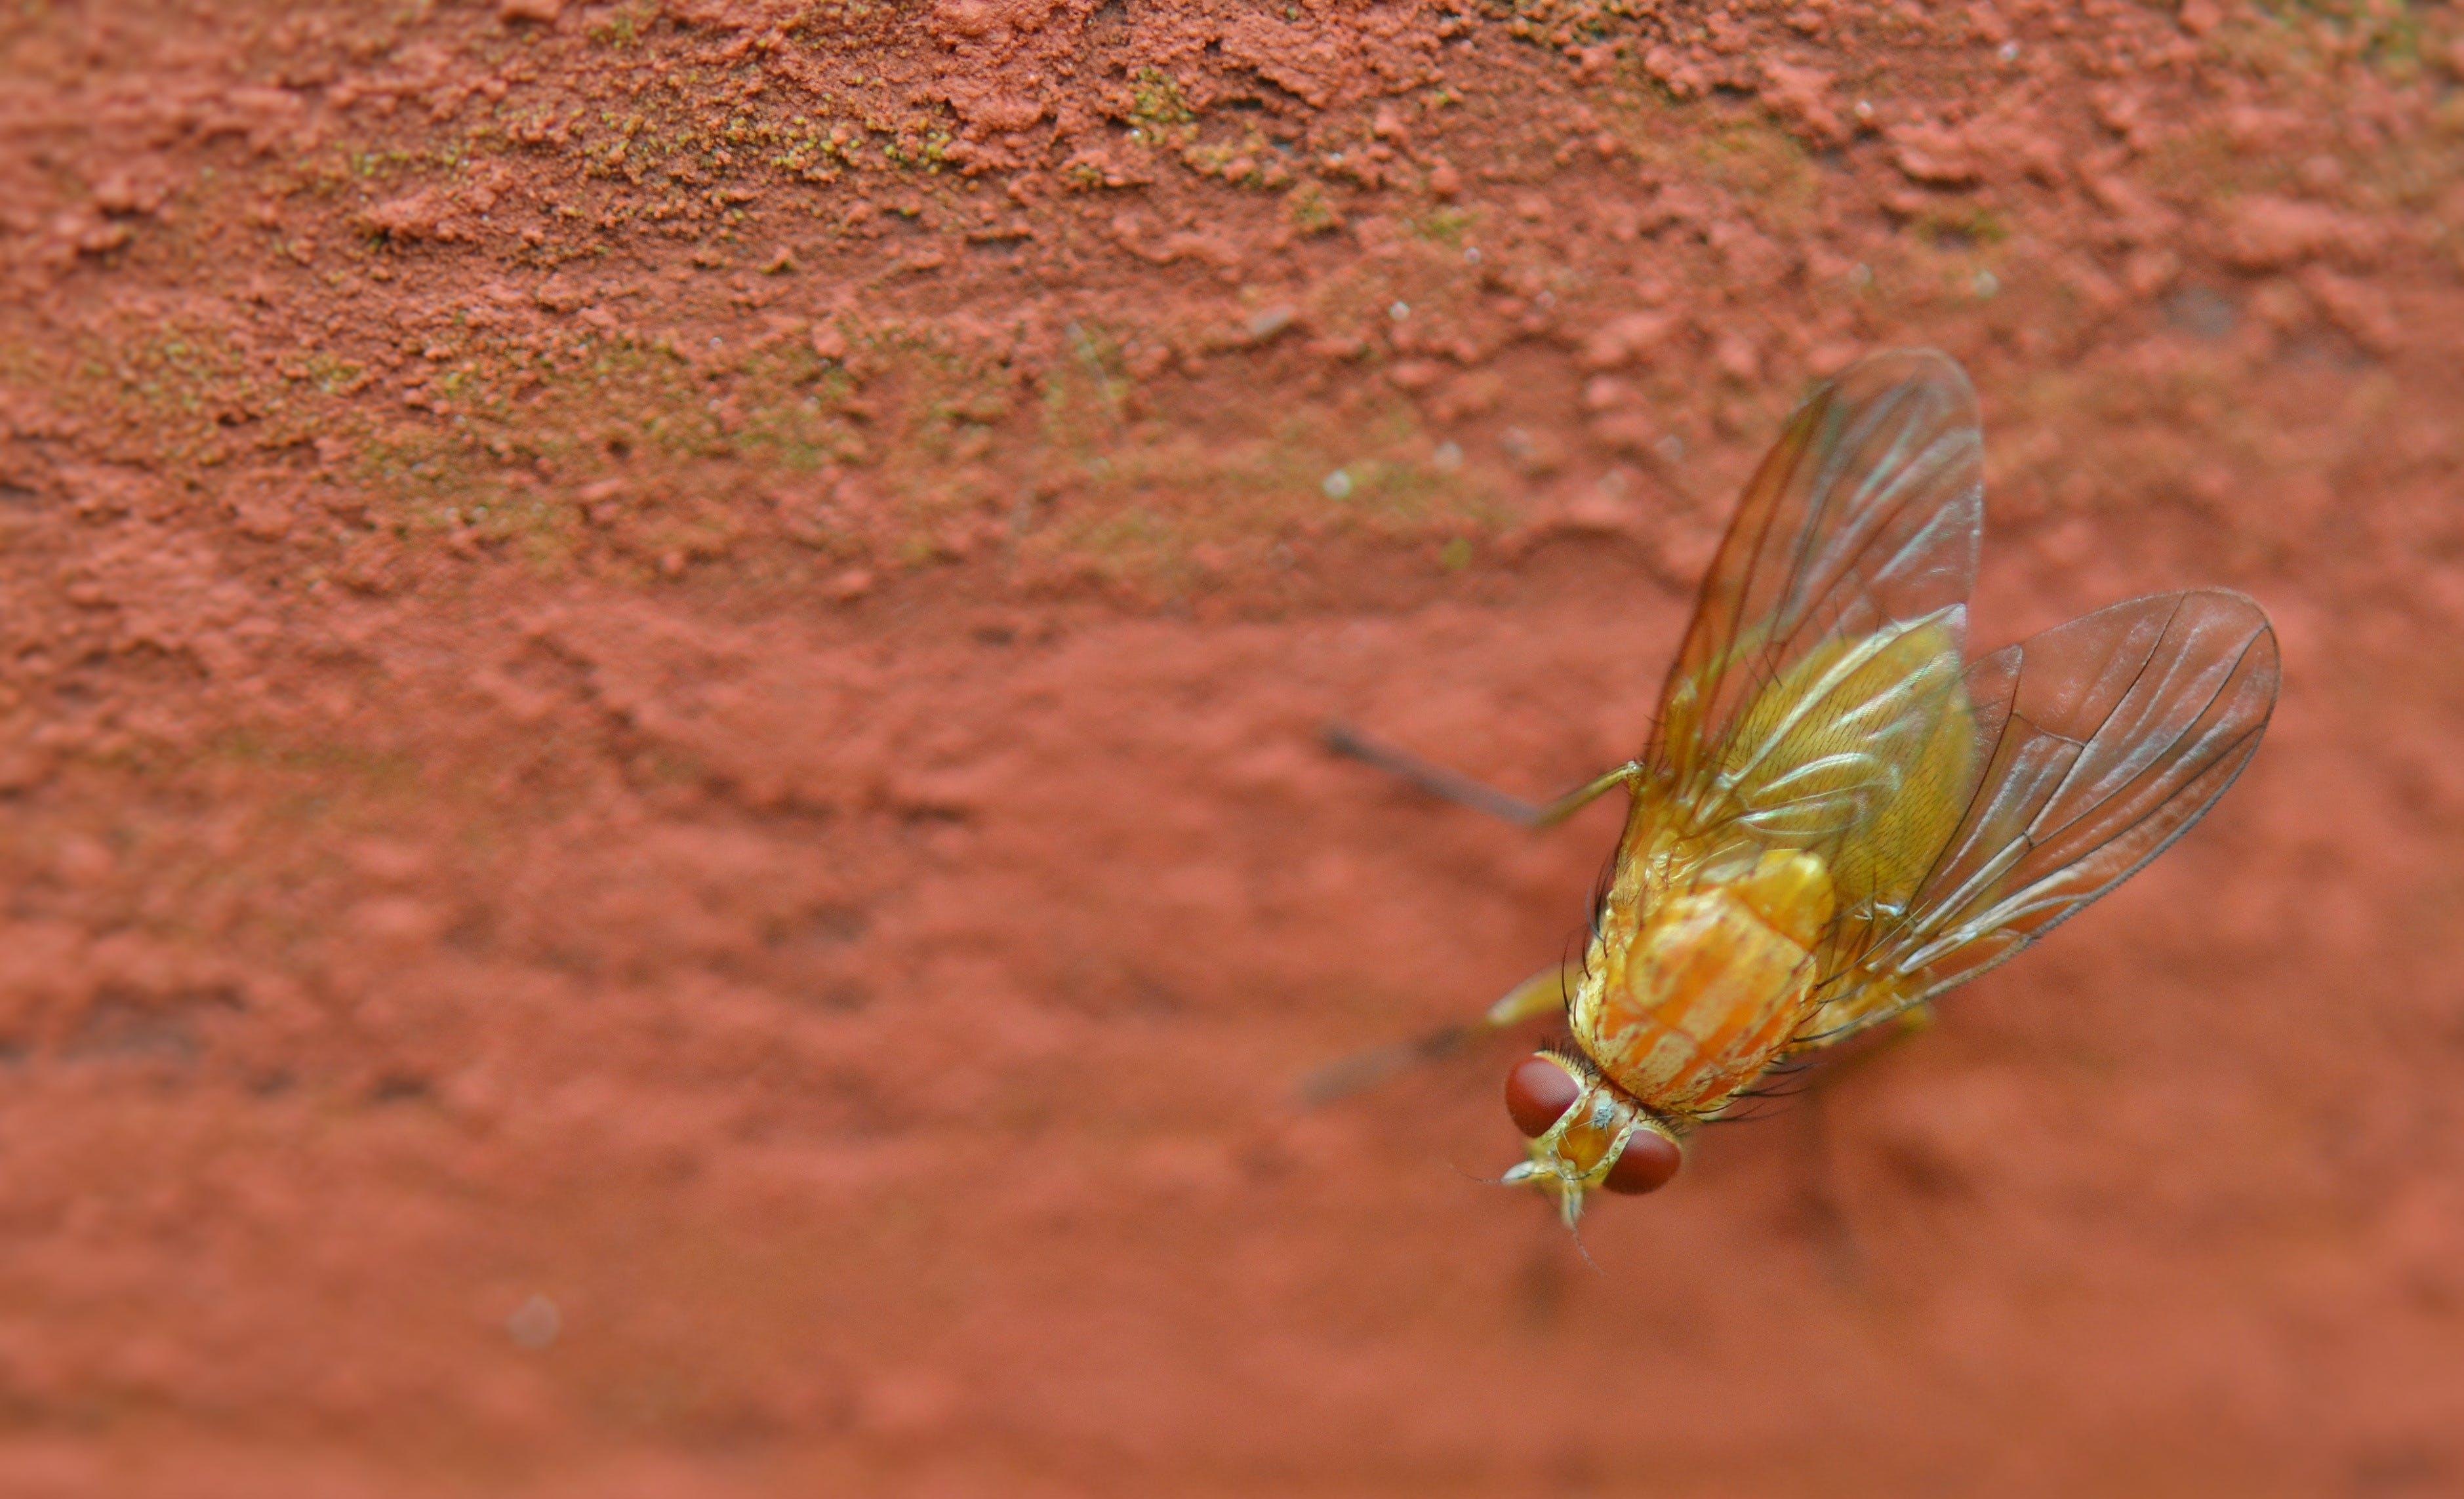 Kostenloses Stock Foto zu bug, insekt, makro, nahansicht